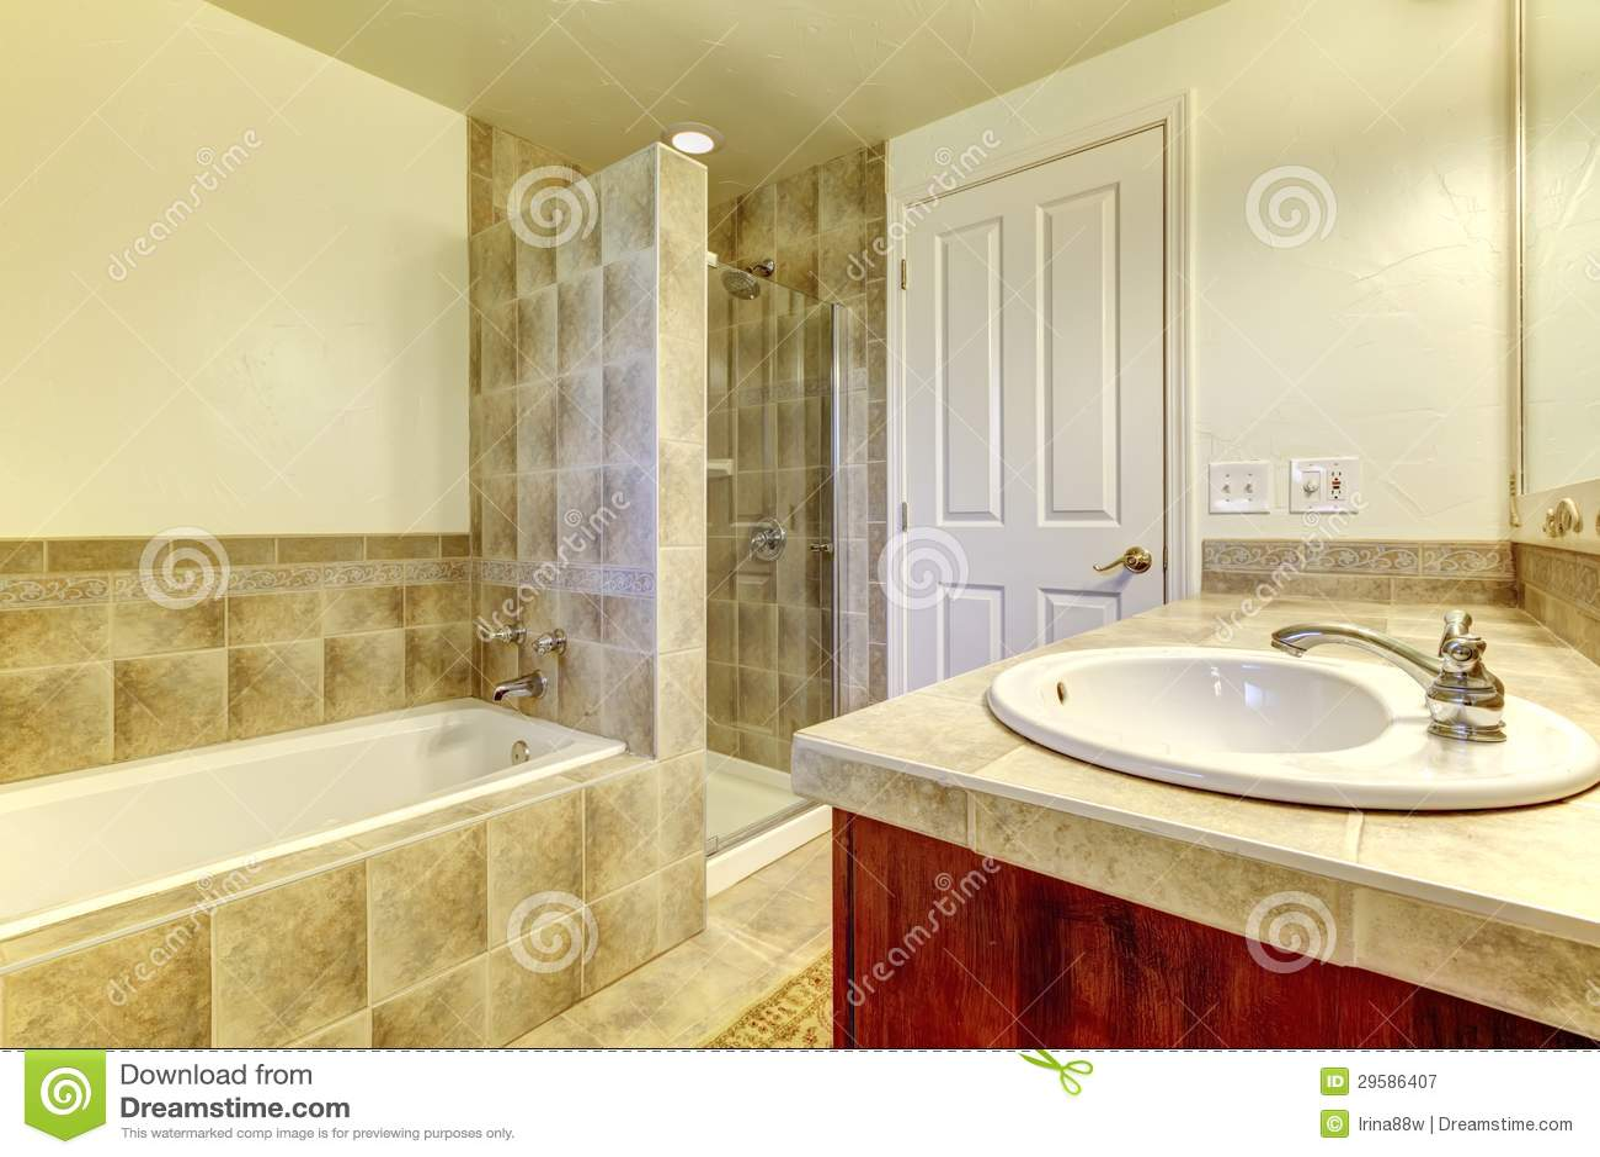 Cuarto de ba o con la tina la peque a ducha y los for Banos con ducha y tina